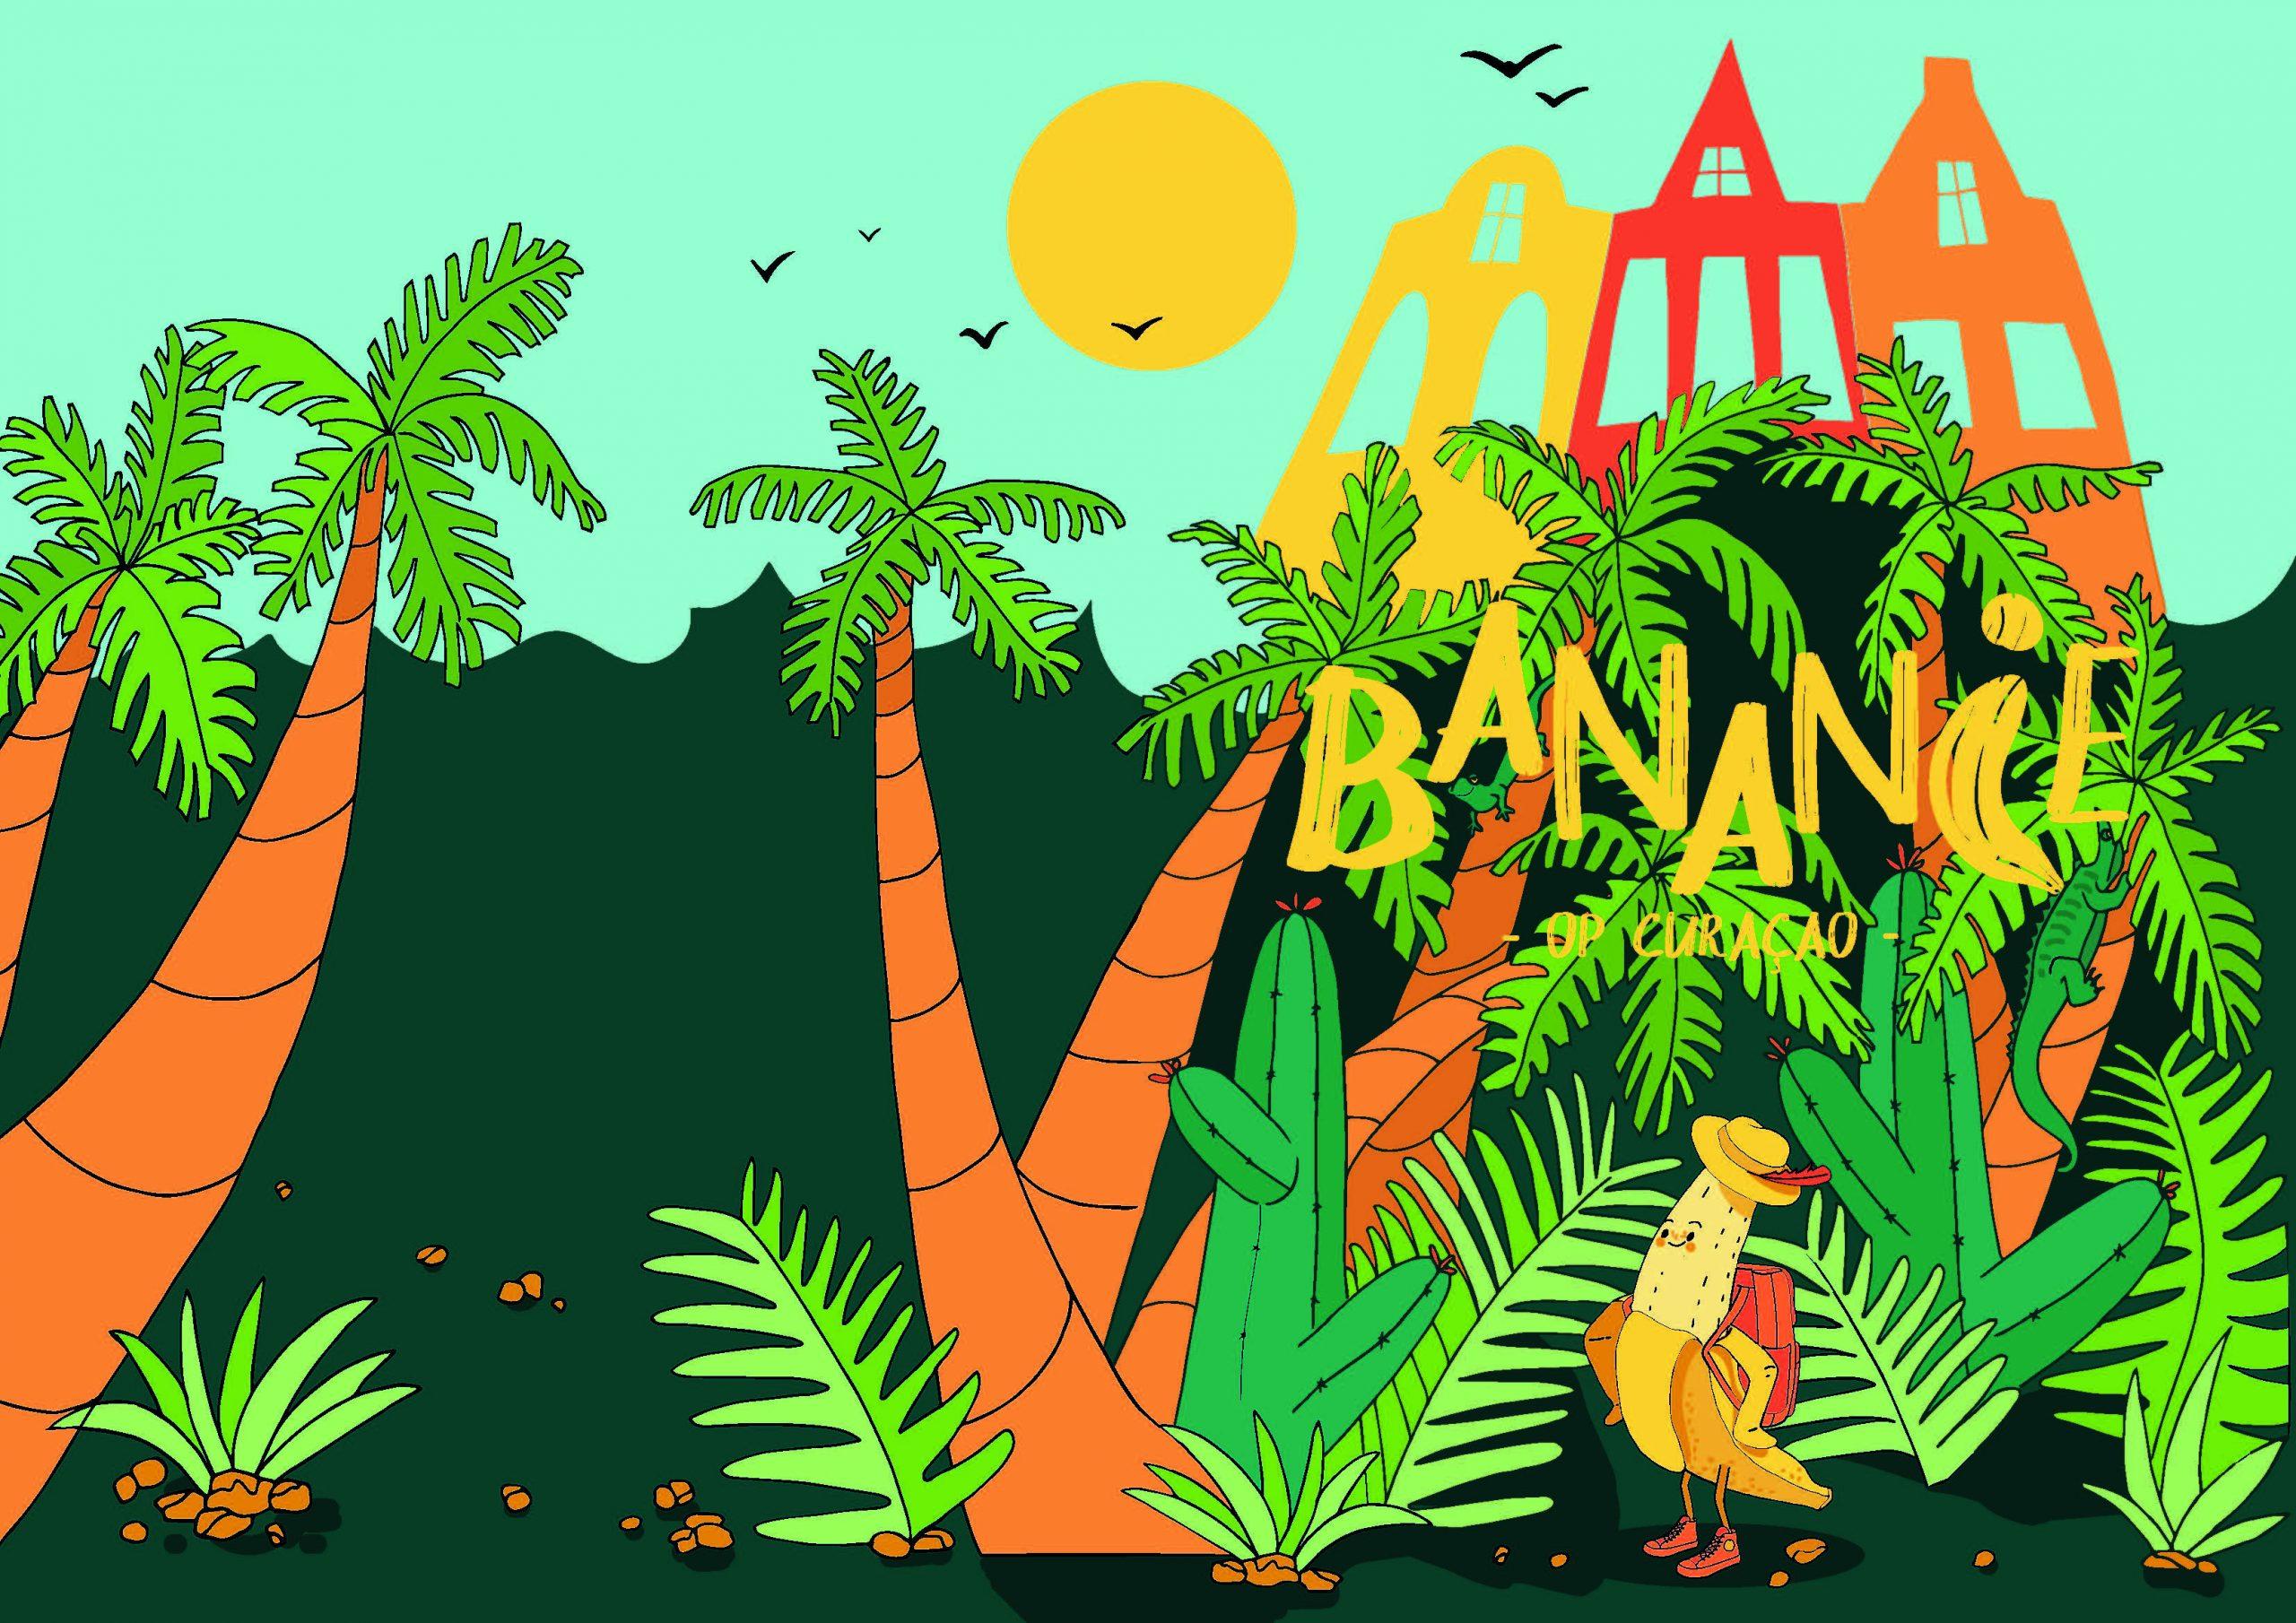 bananie illustratie